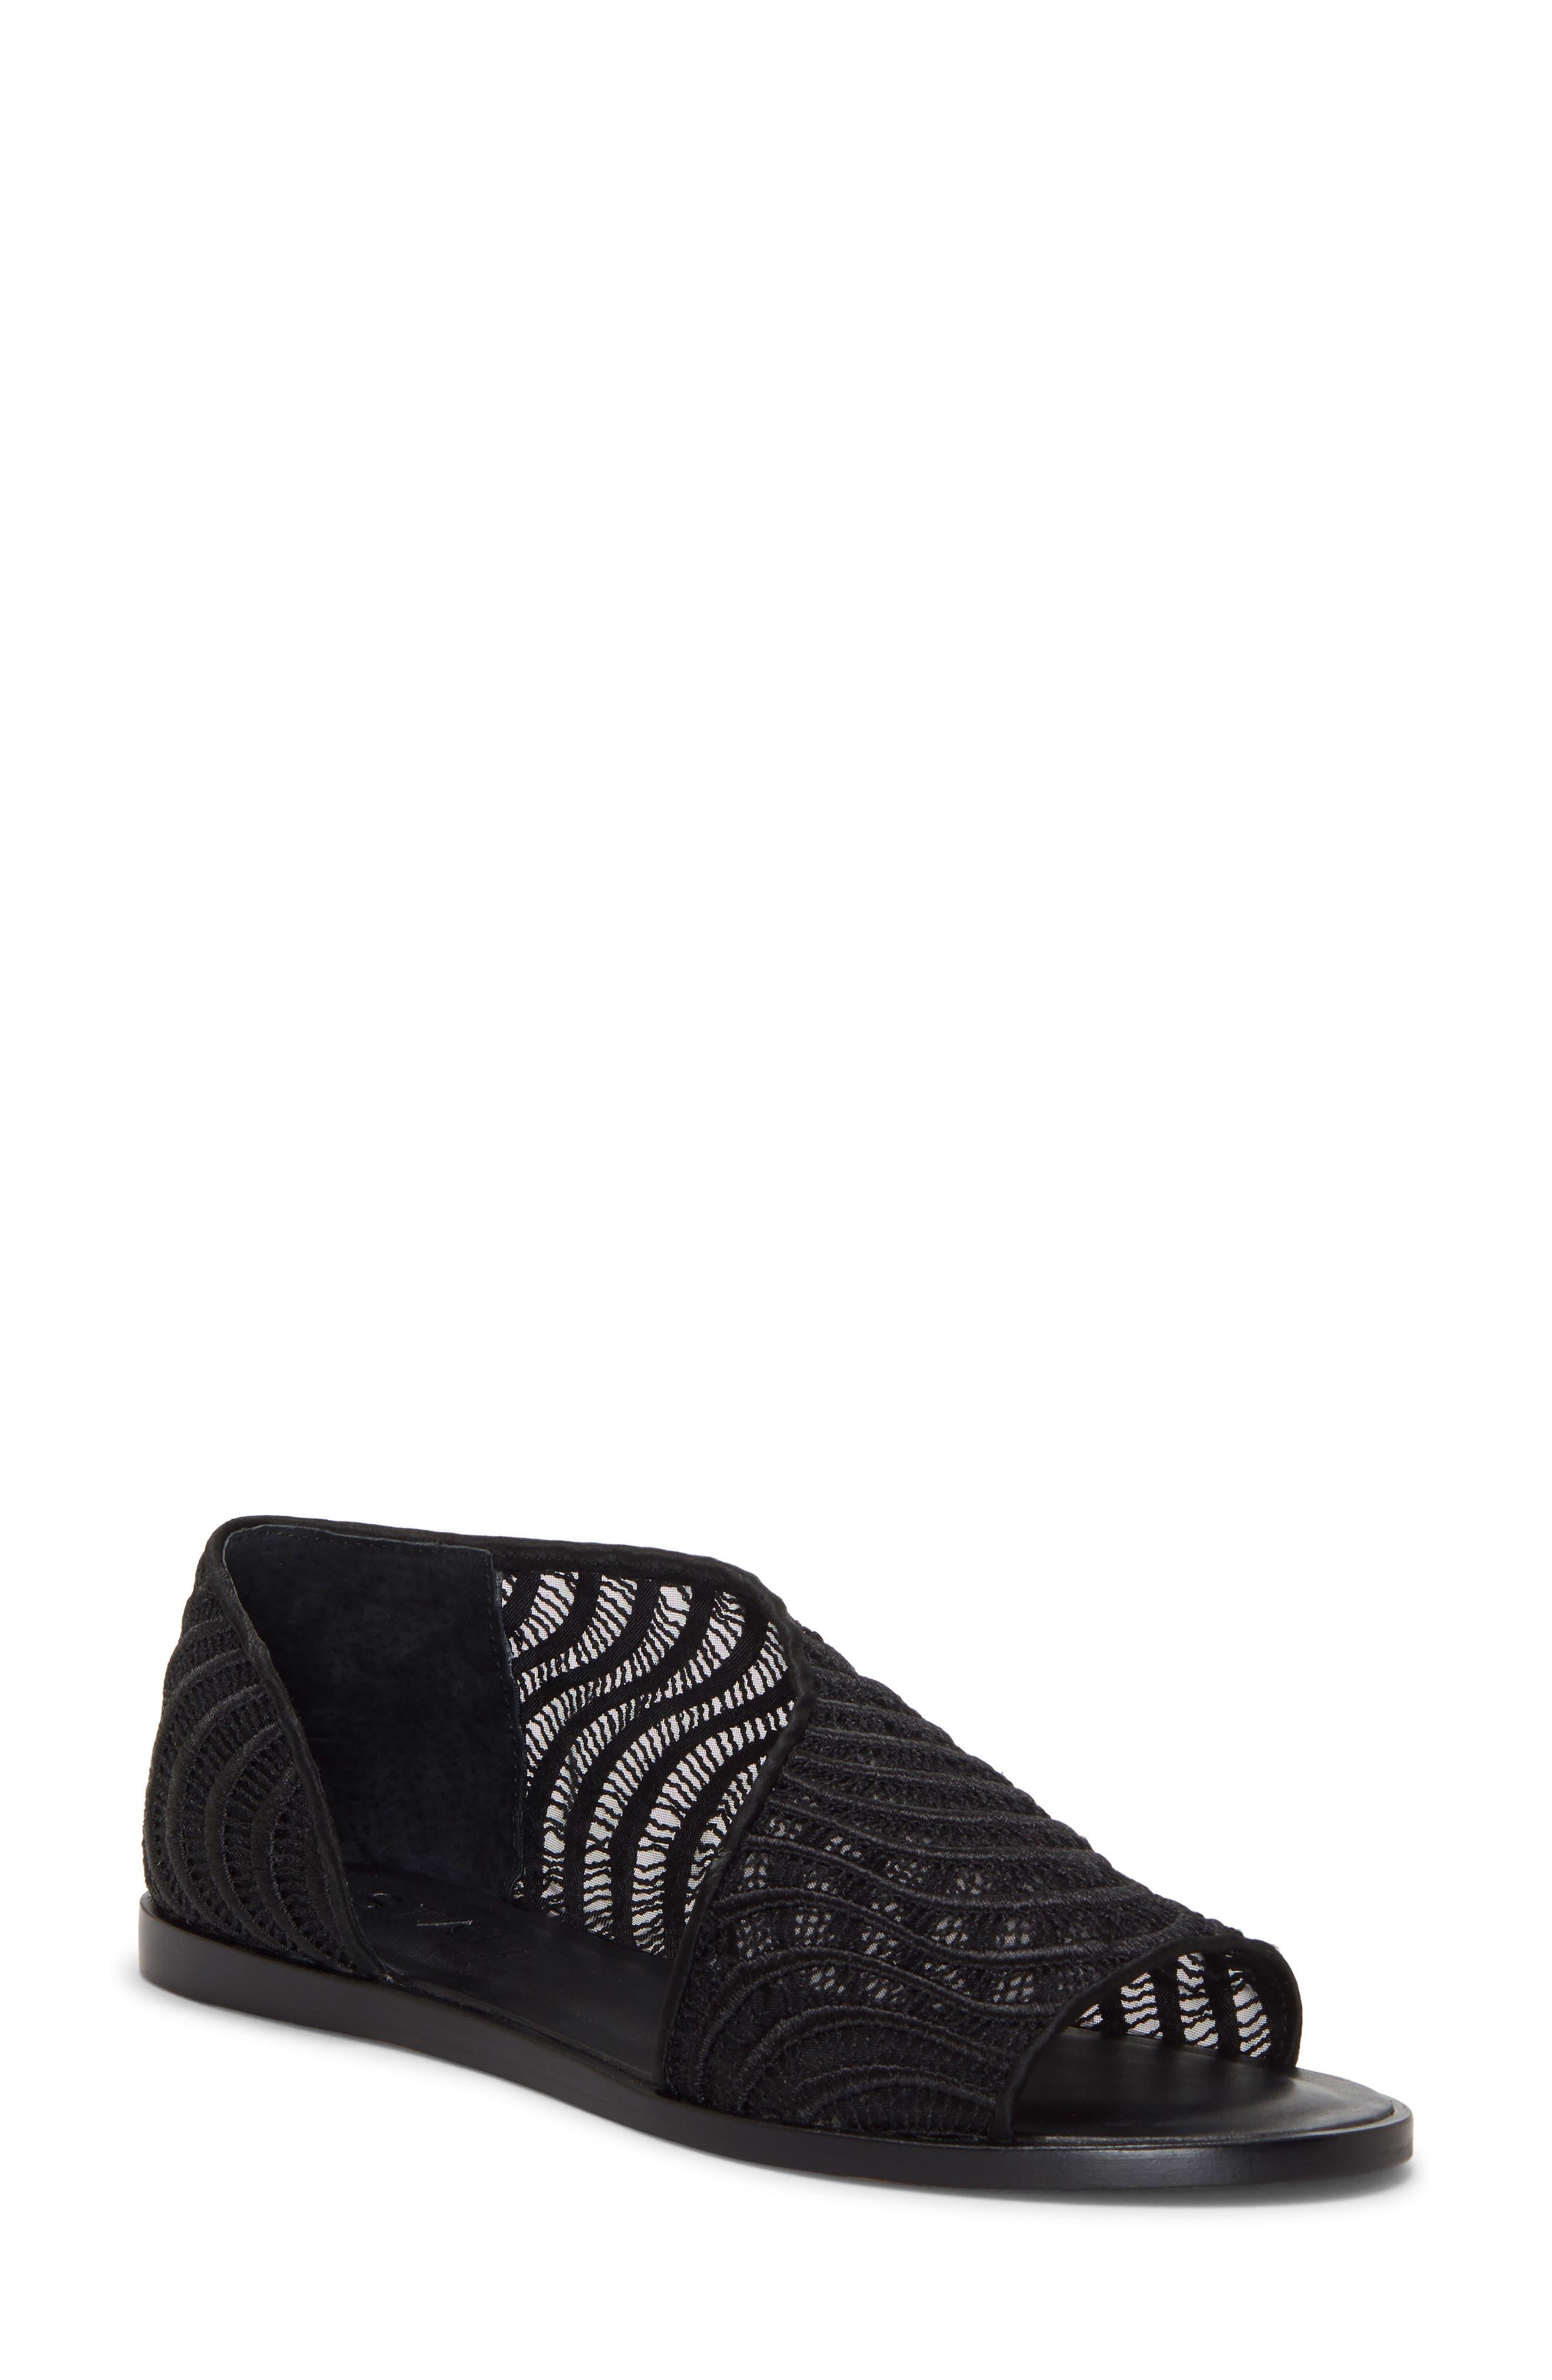 Celvin Sandal, Main, color, BLACK/ BLACK LEATHER